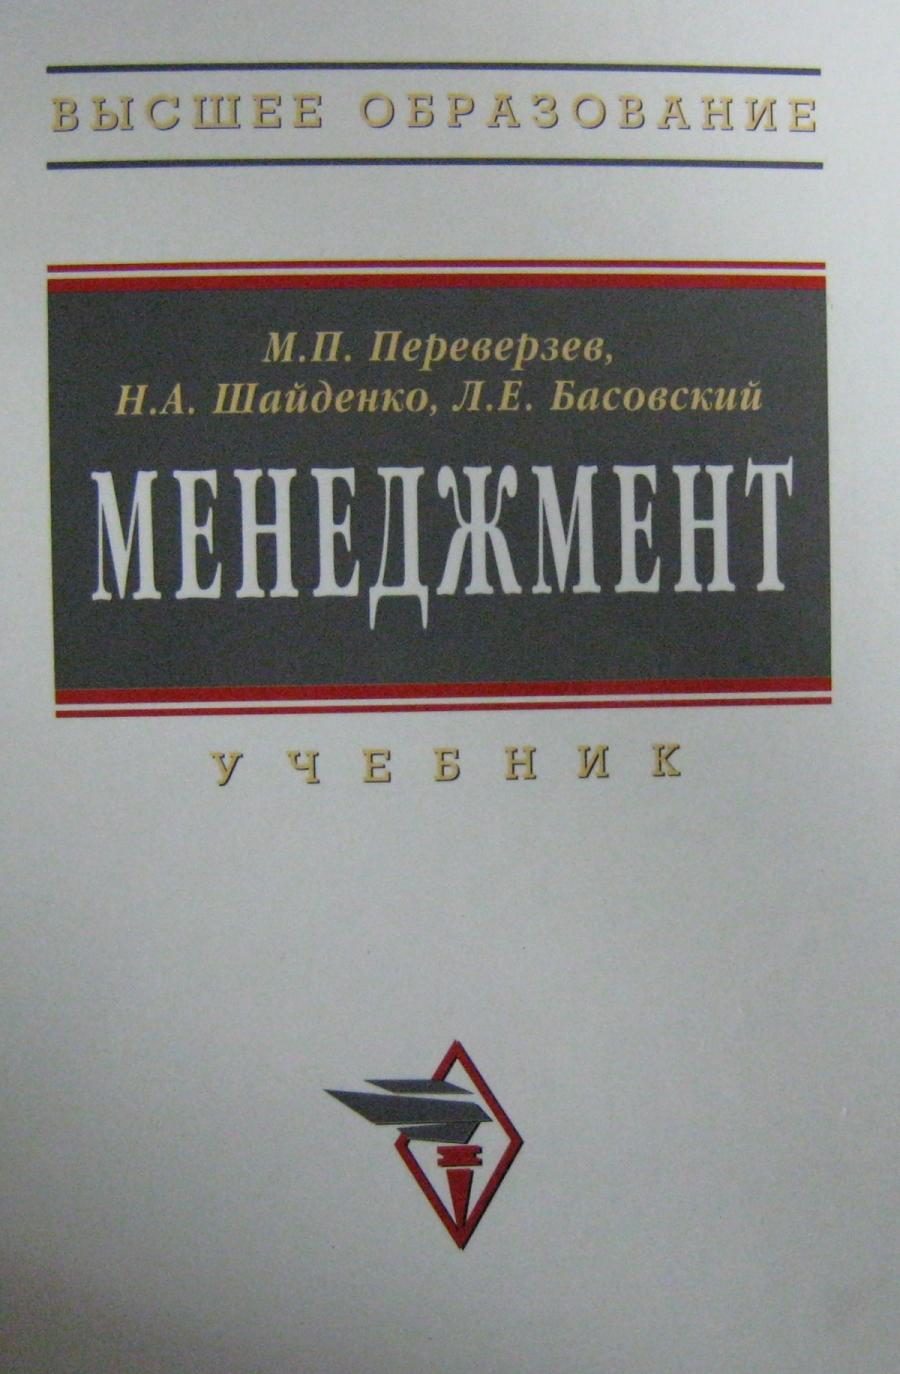 Обложка книги:  переверзев м.п., шайденко н.а., басовский л.е. - менеджмент (2-е изд.).